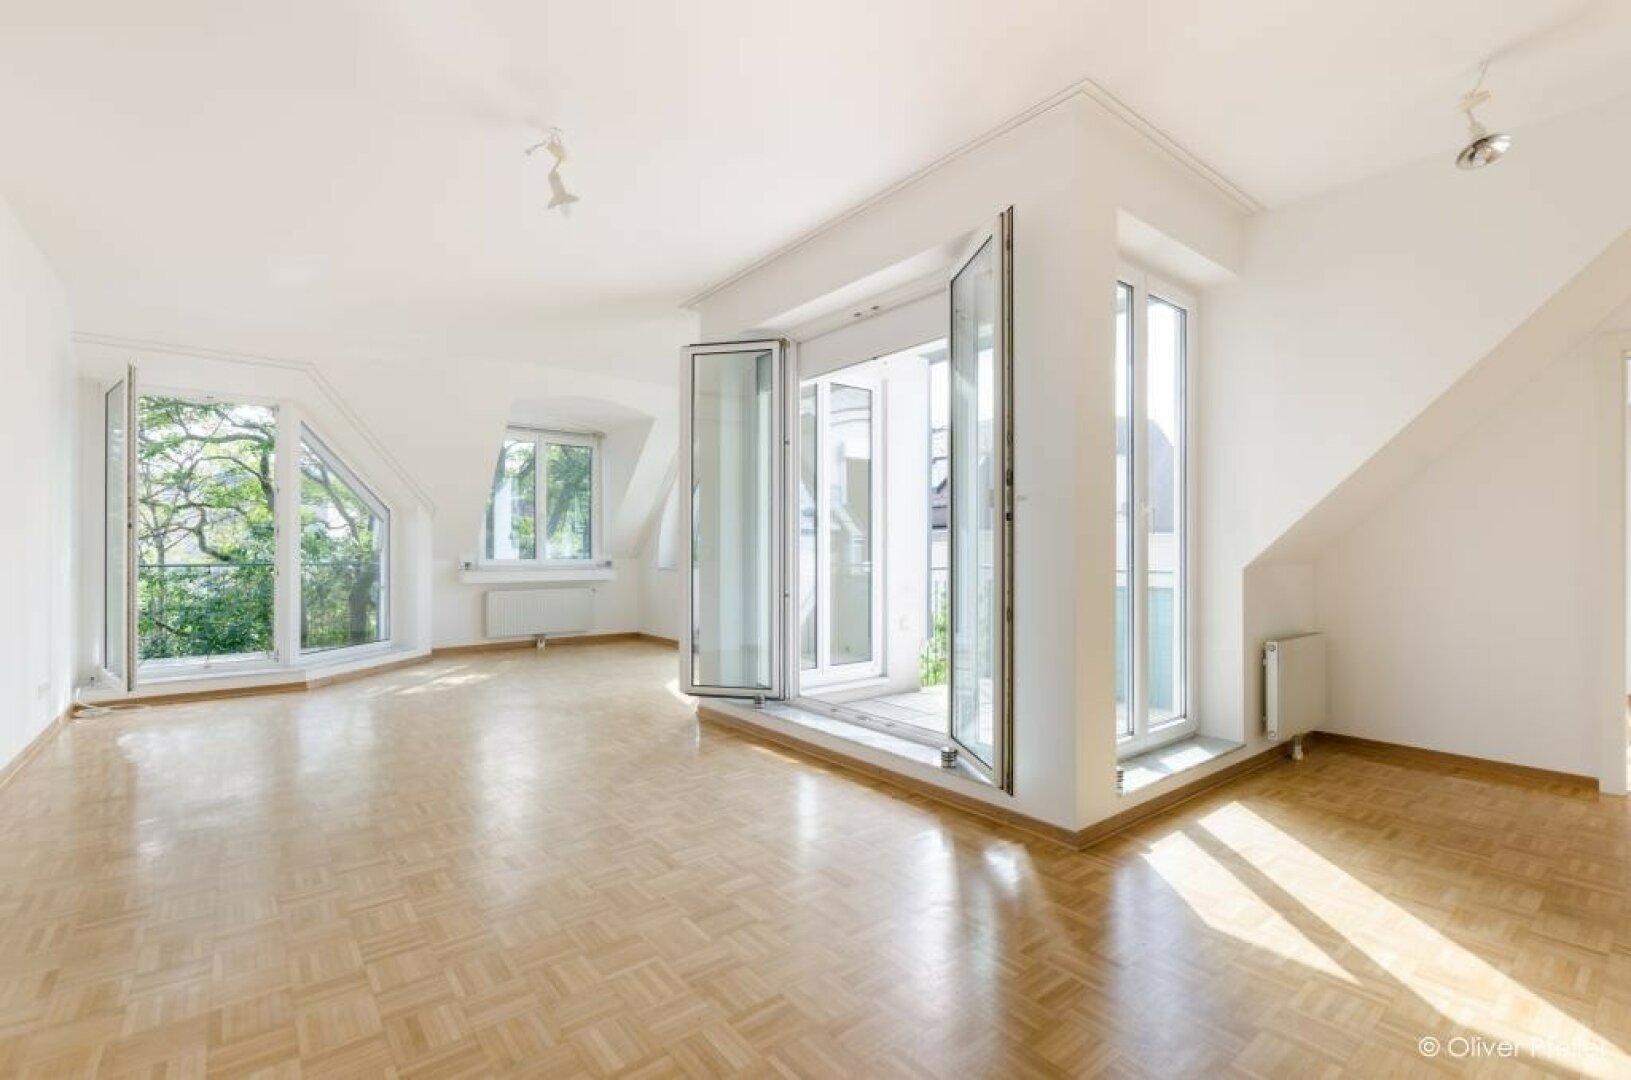 Wohnzimmer mit 2 Loggien